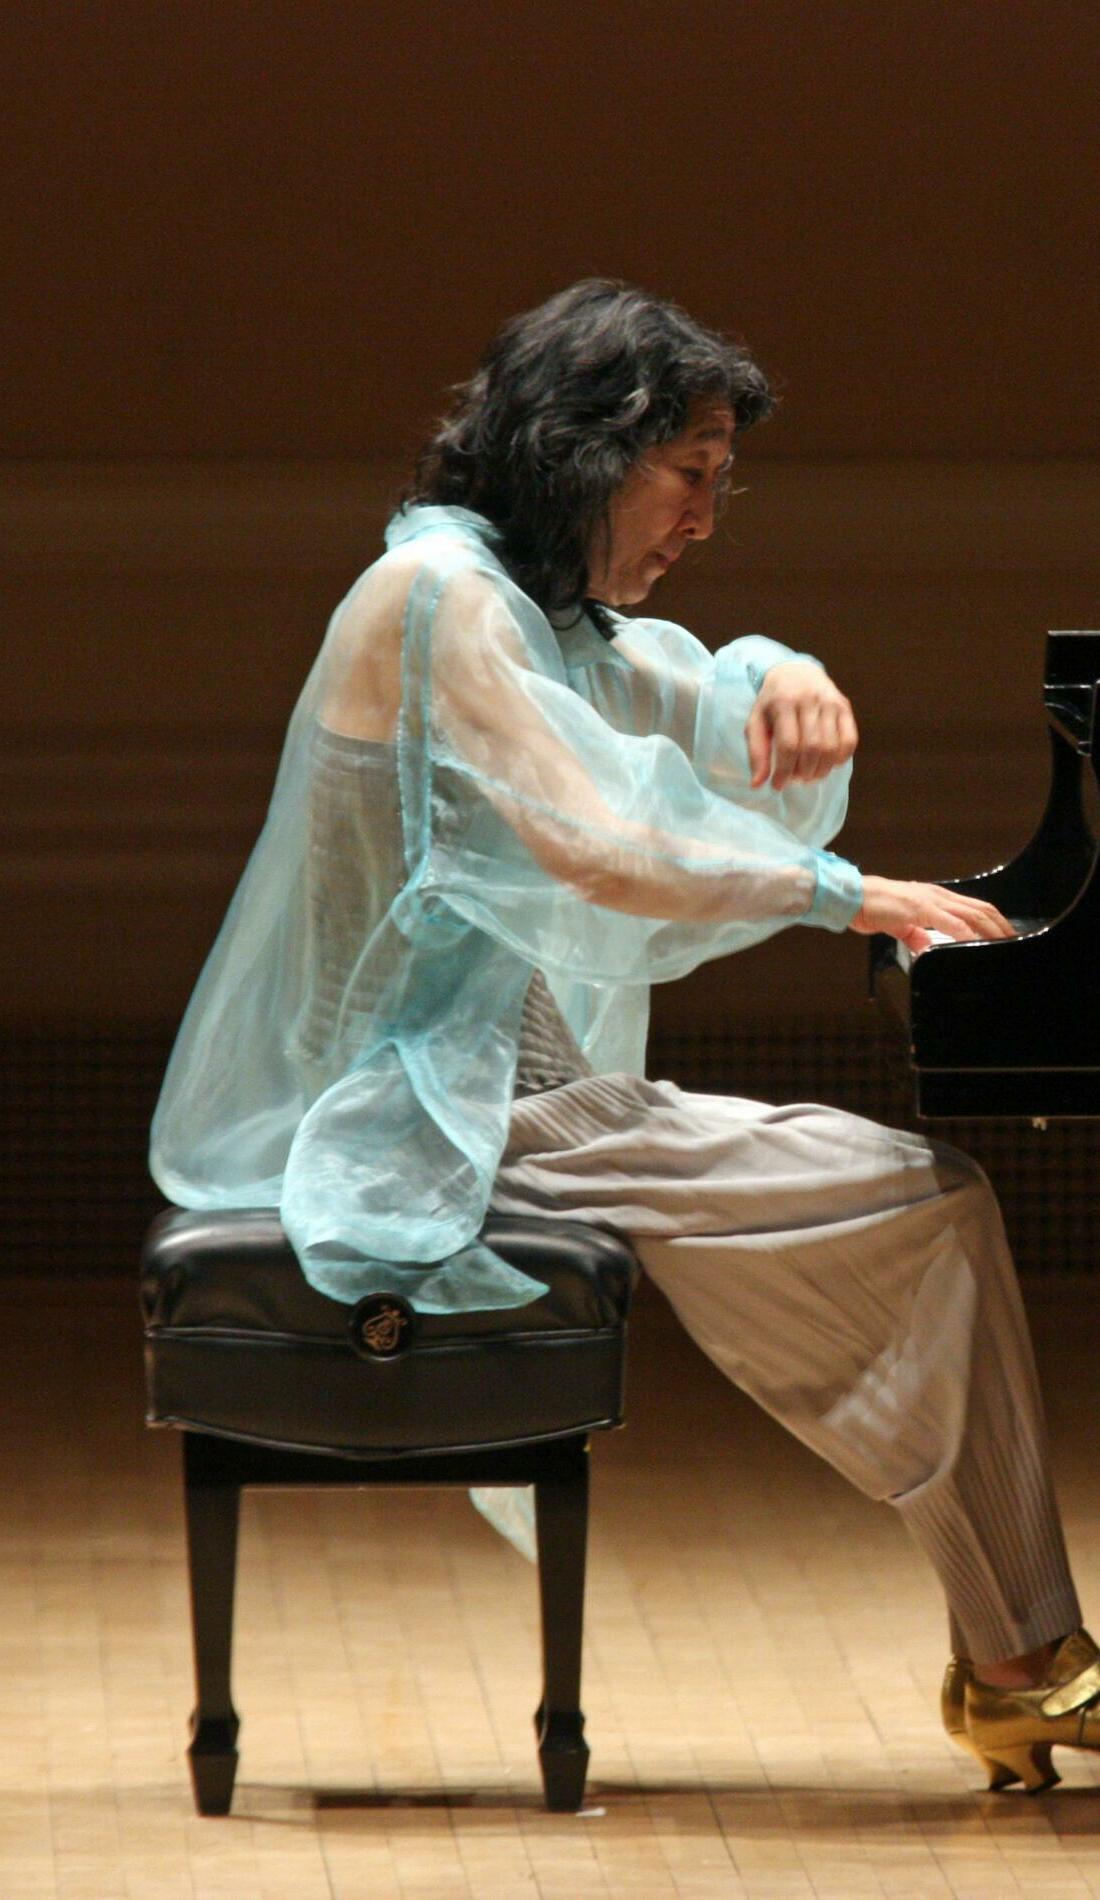 A Mitsuko Uchida live event